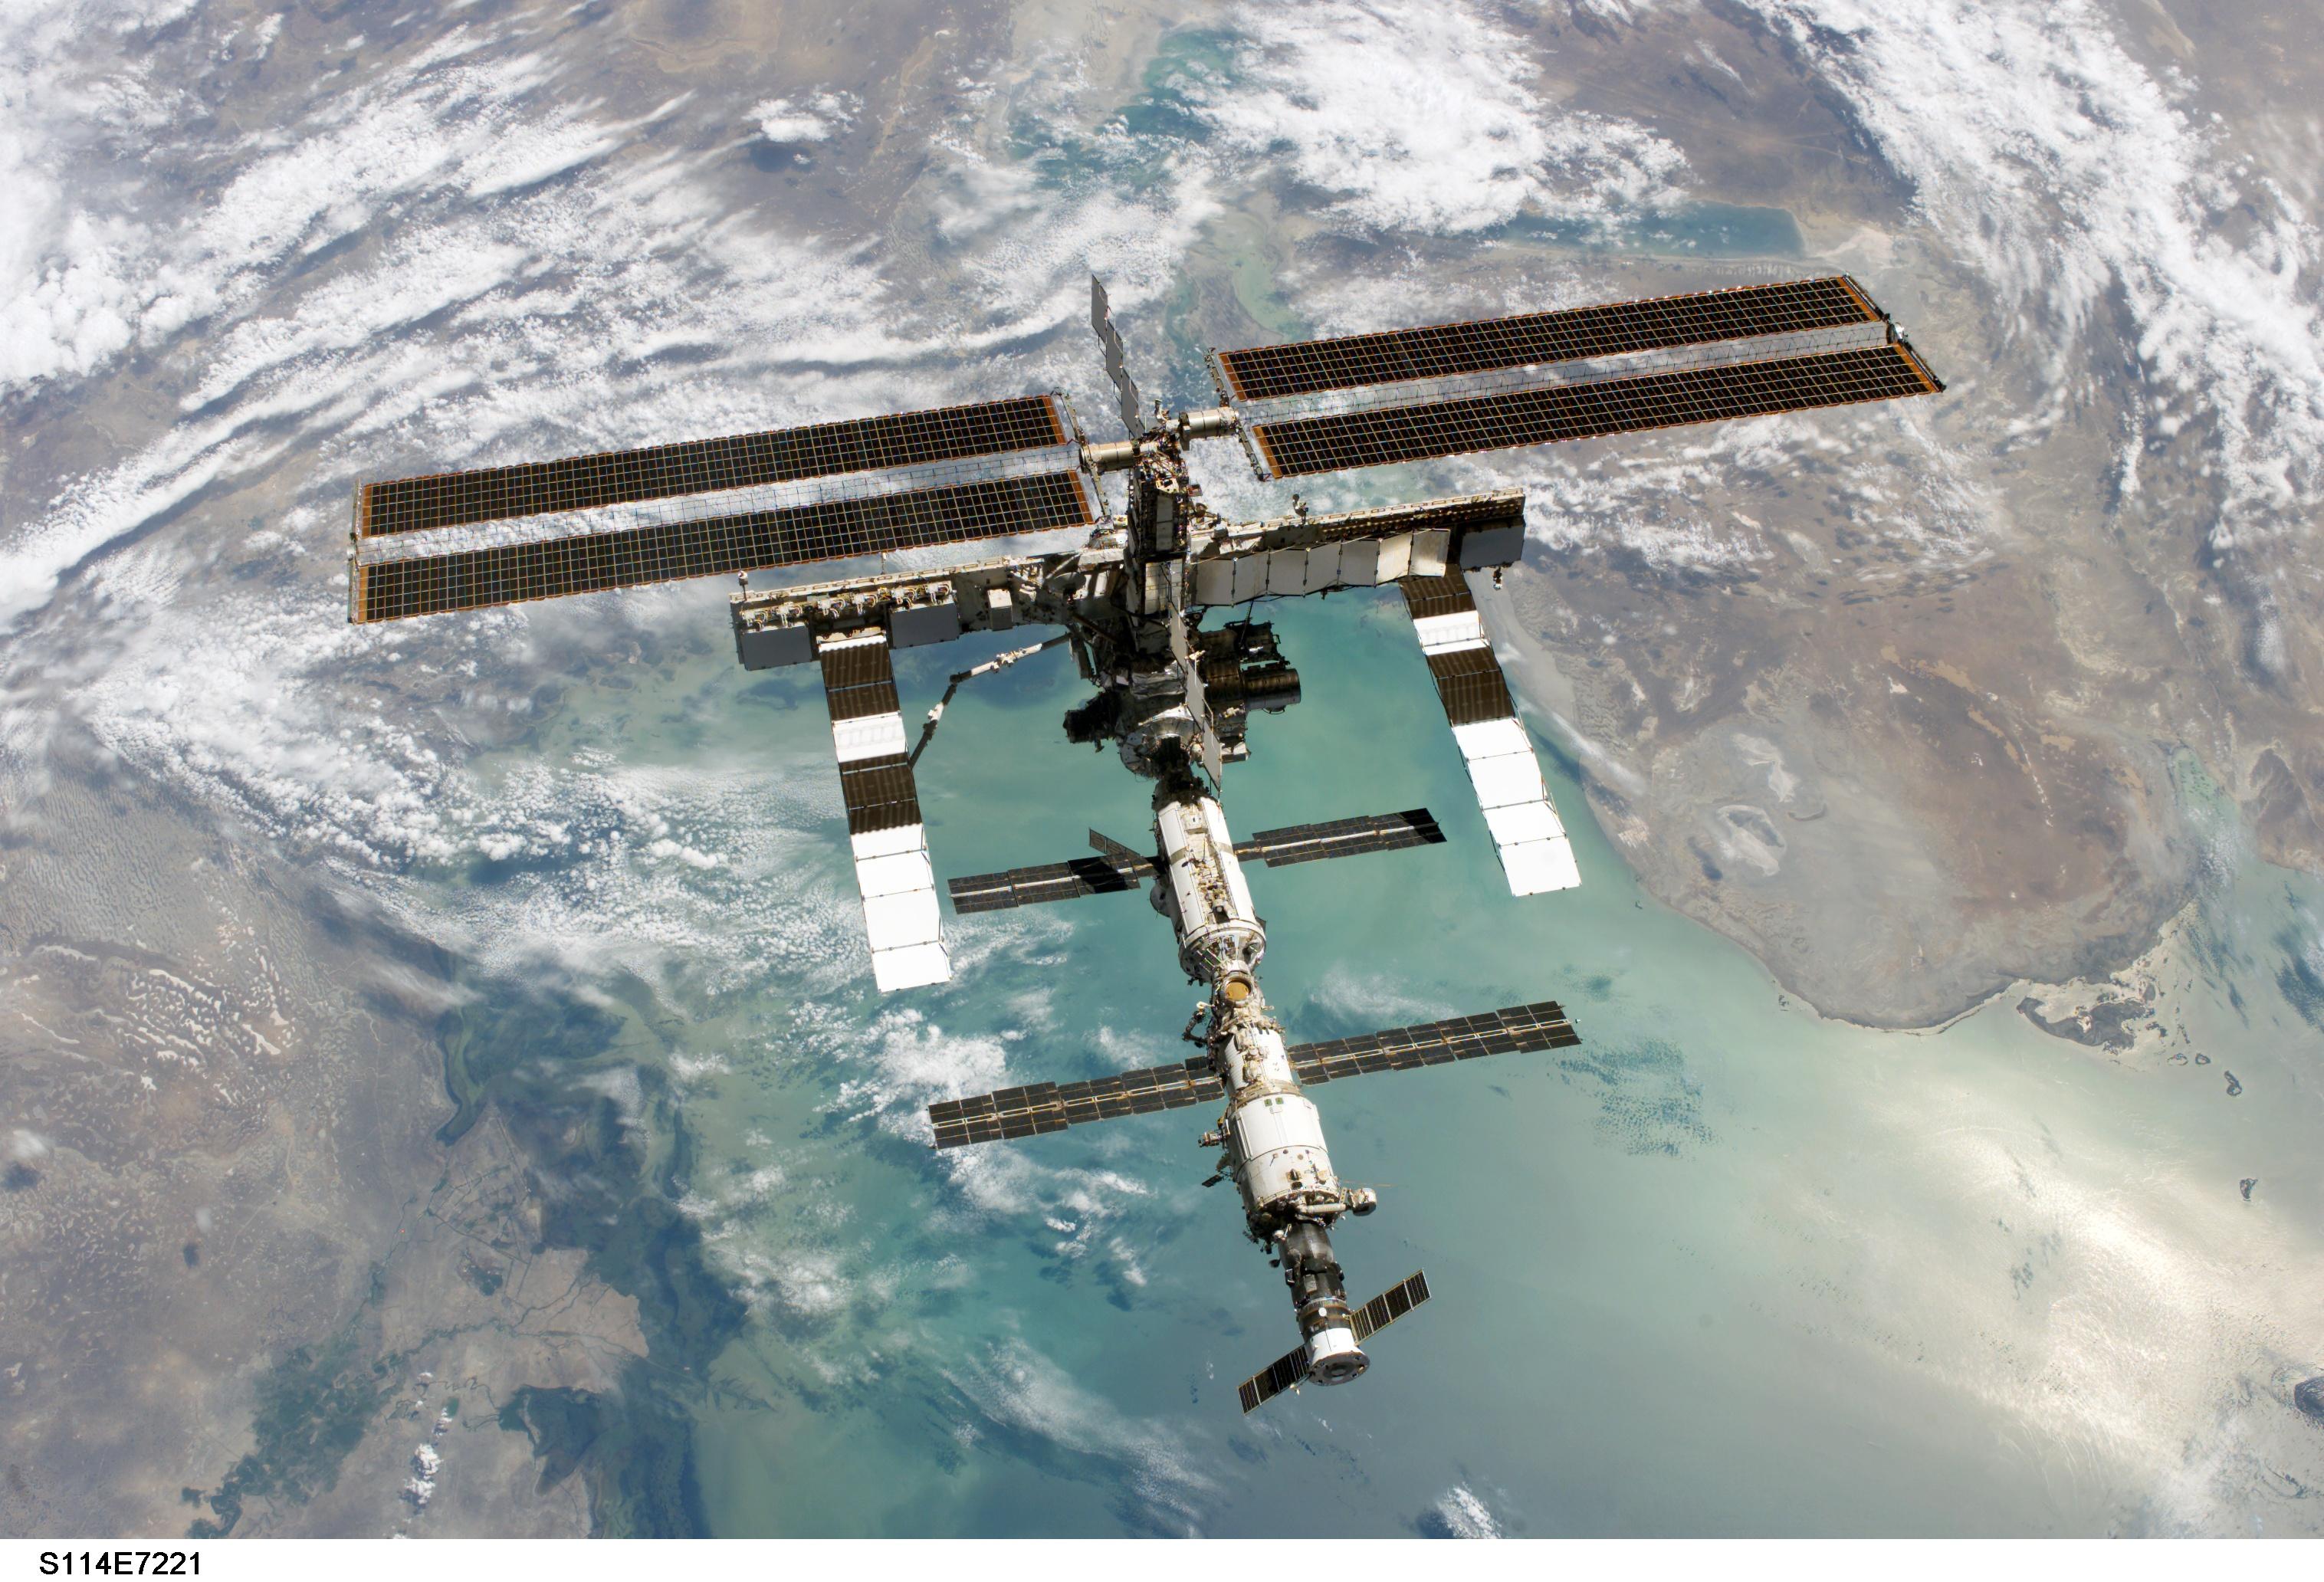 main space station nasa - photo #2